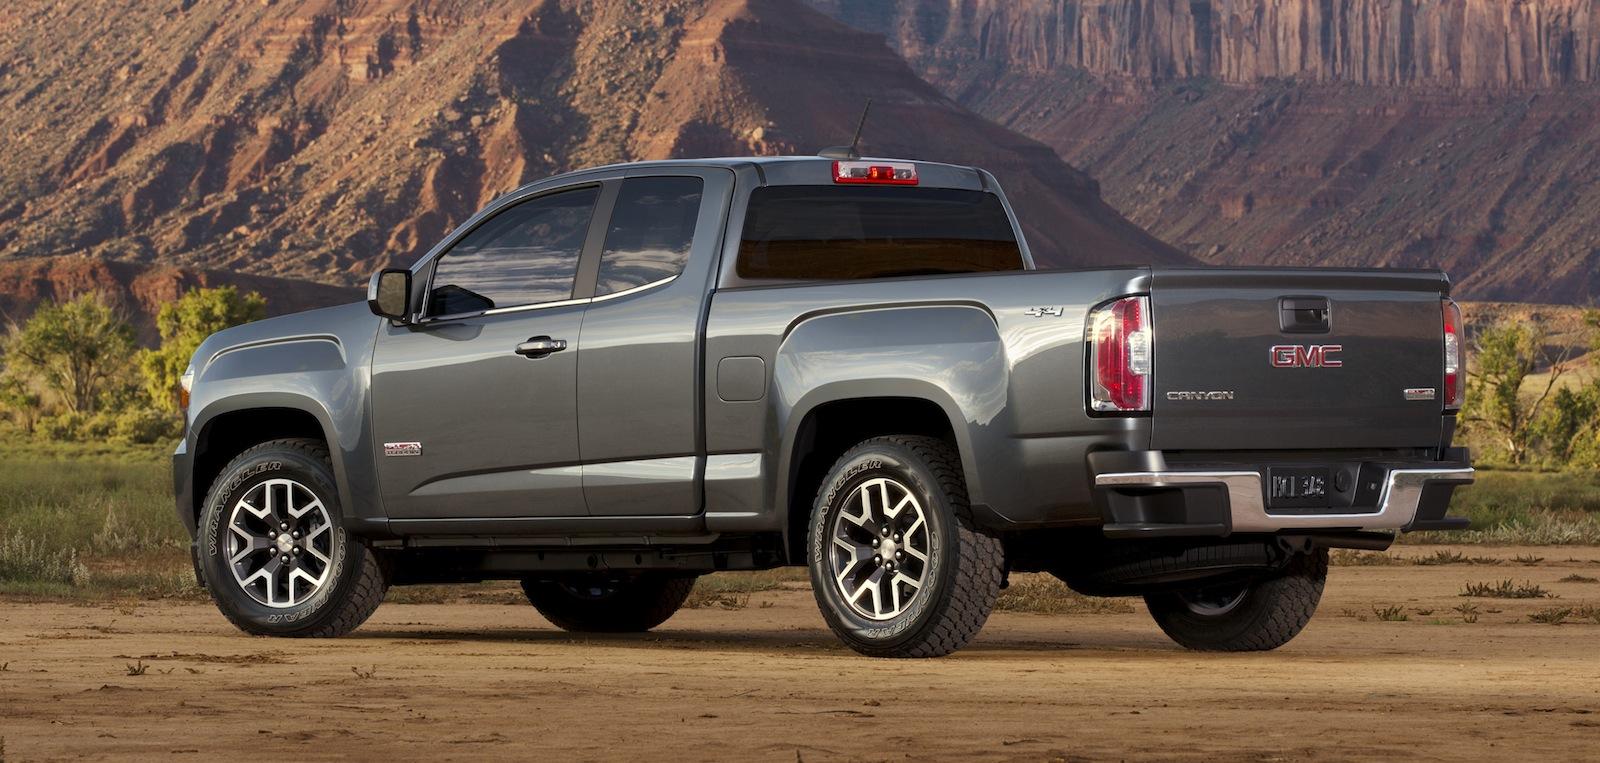 Gmc Canyon Colorado Based Mid Size Pick Up Revealed